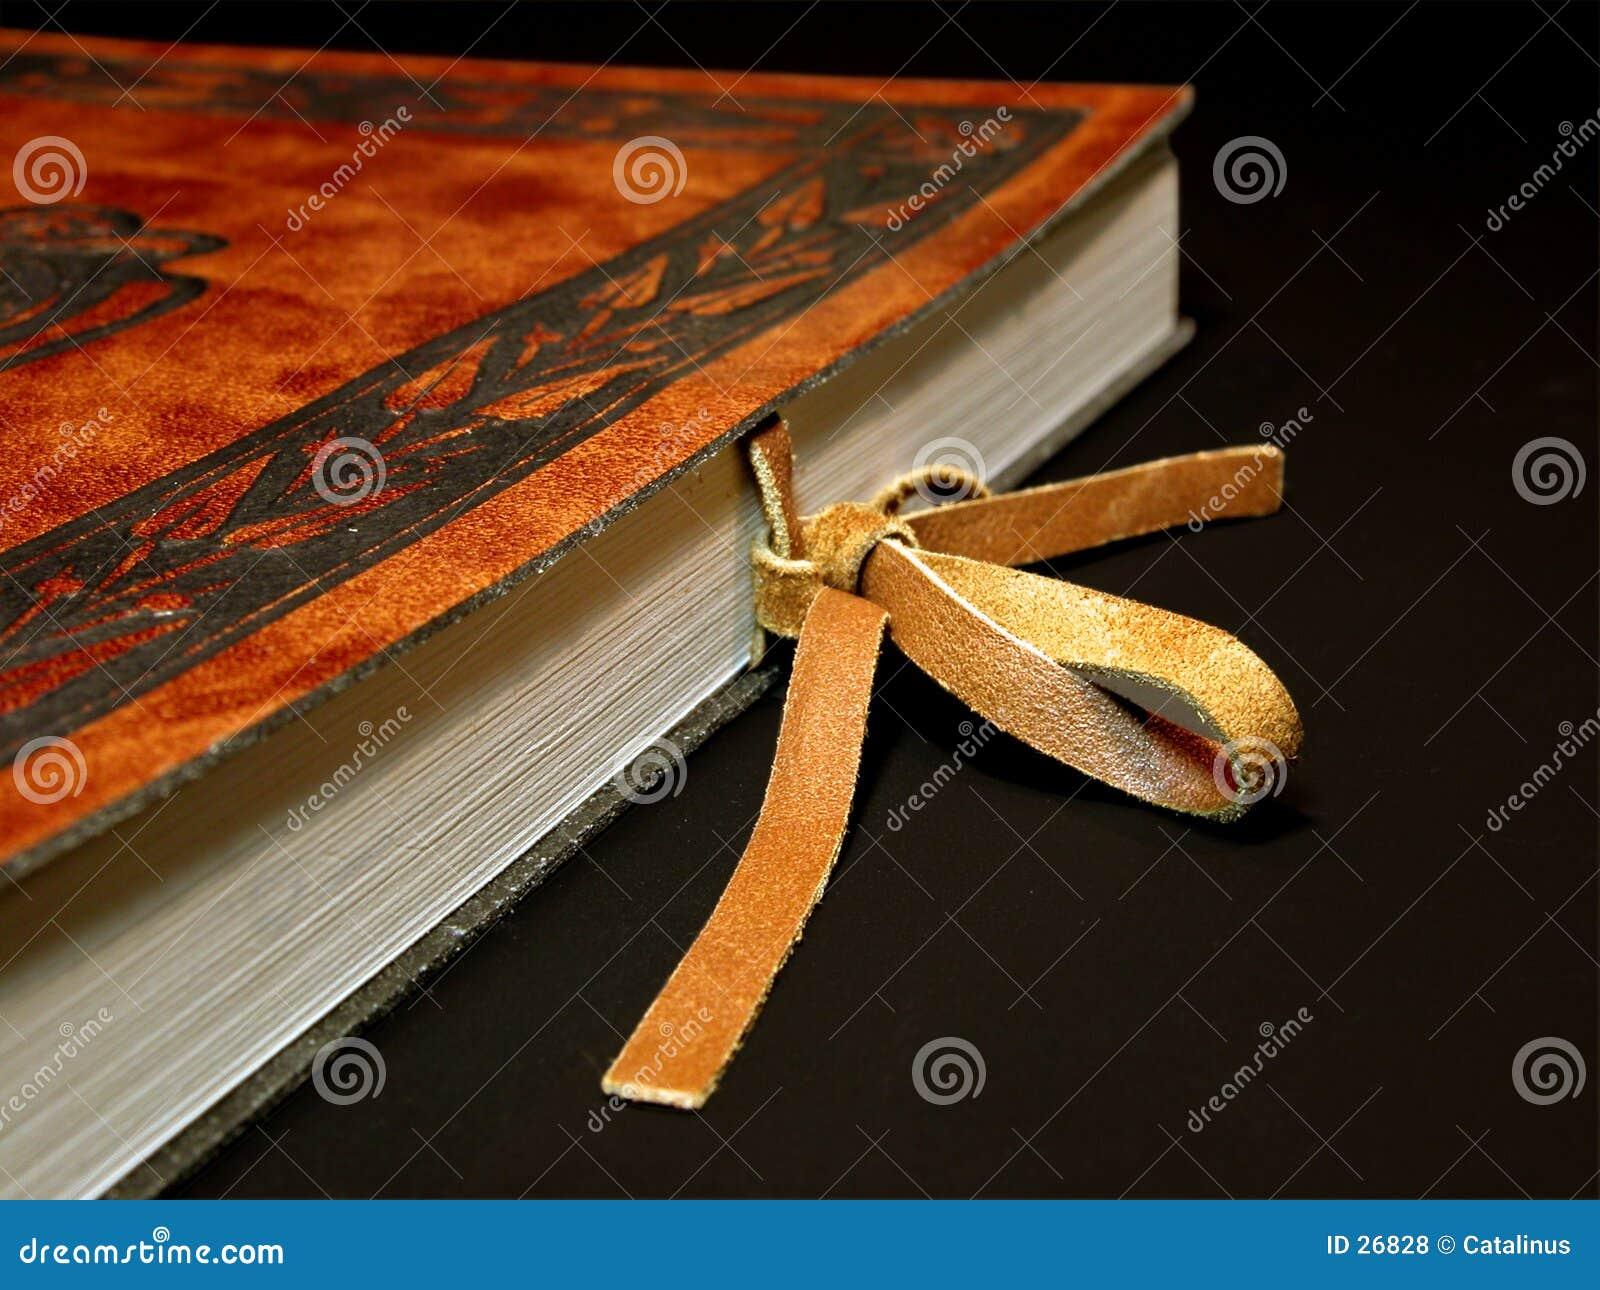 Download Suwaki księgowej skóry zdjęcie stock. Obraz złożonej z strona - 26828